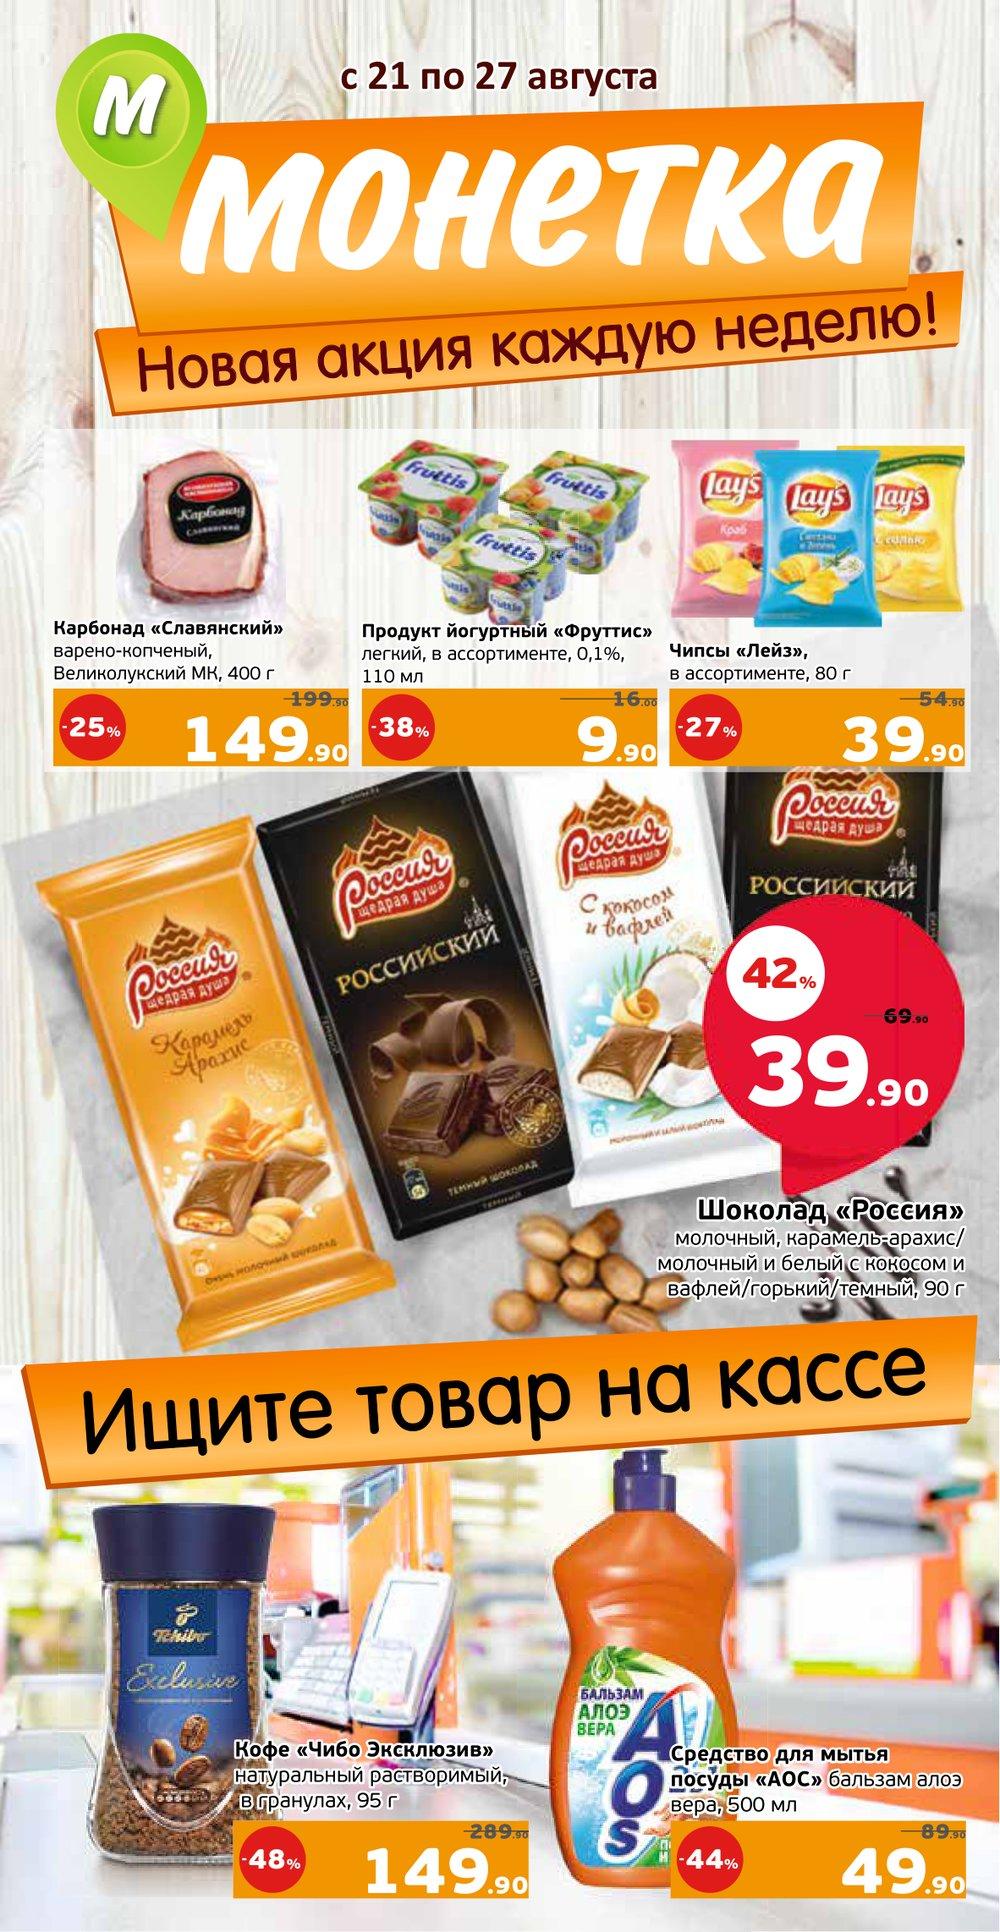 Каталог акций Монетка с 21 по 27 августа 2017 - стр. 1